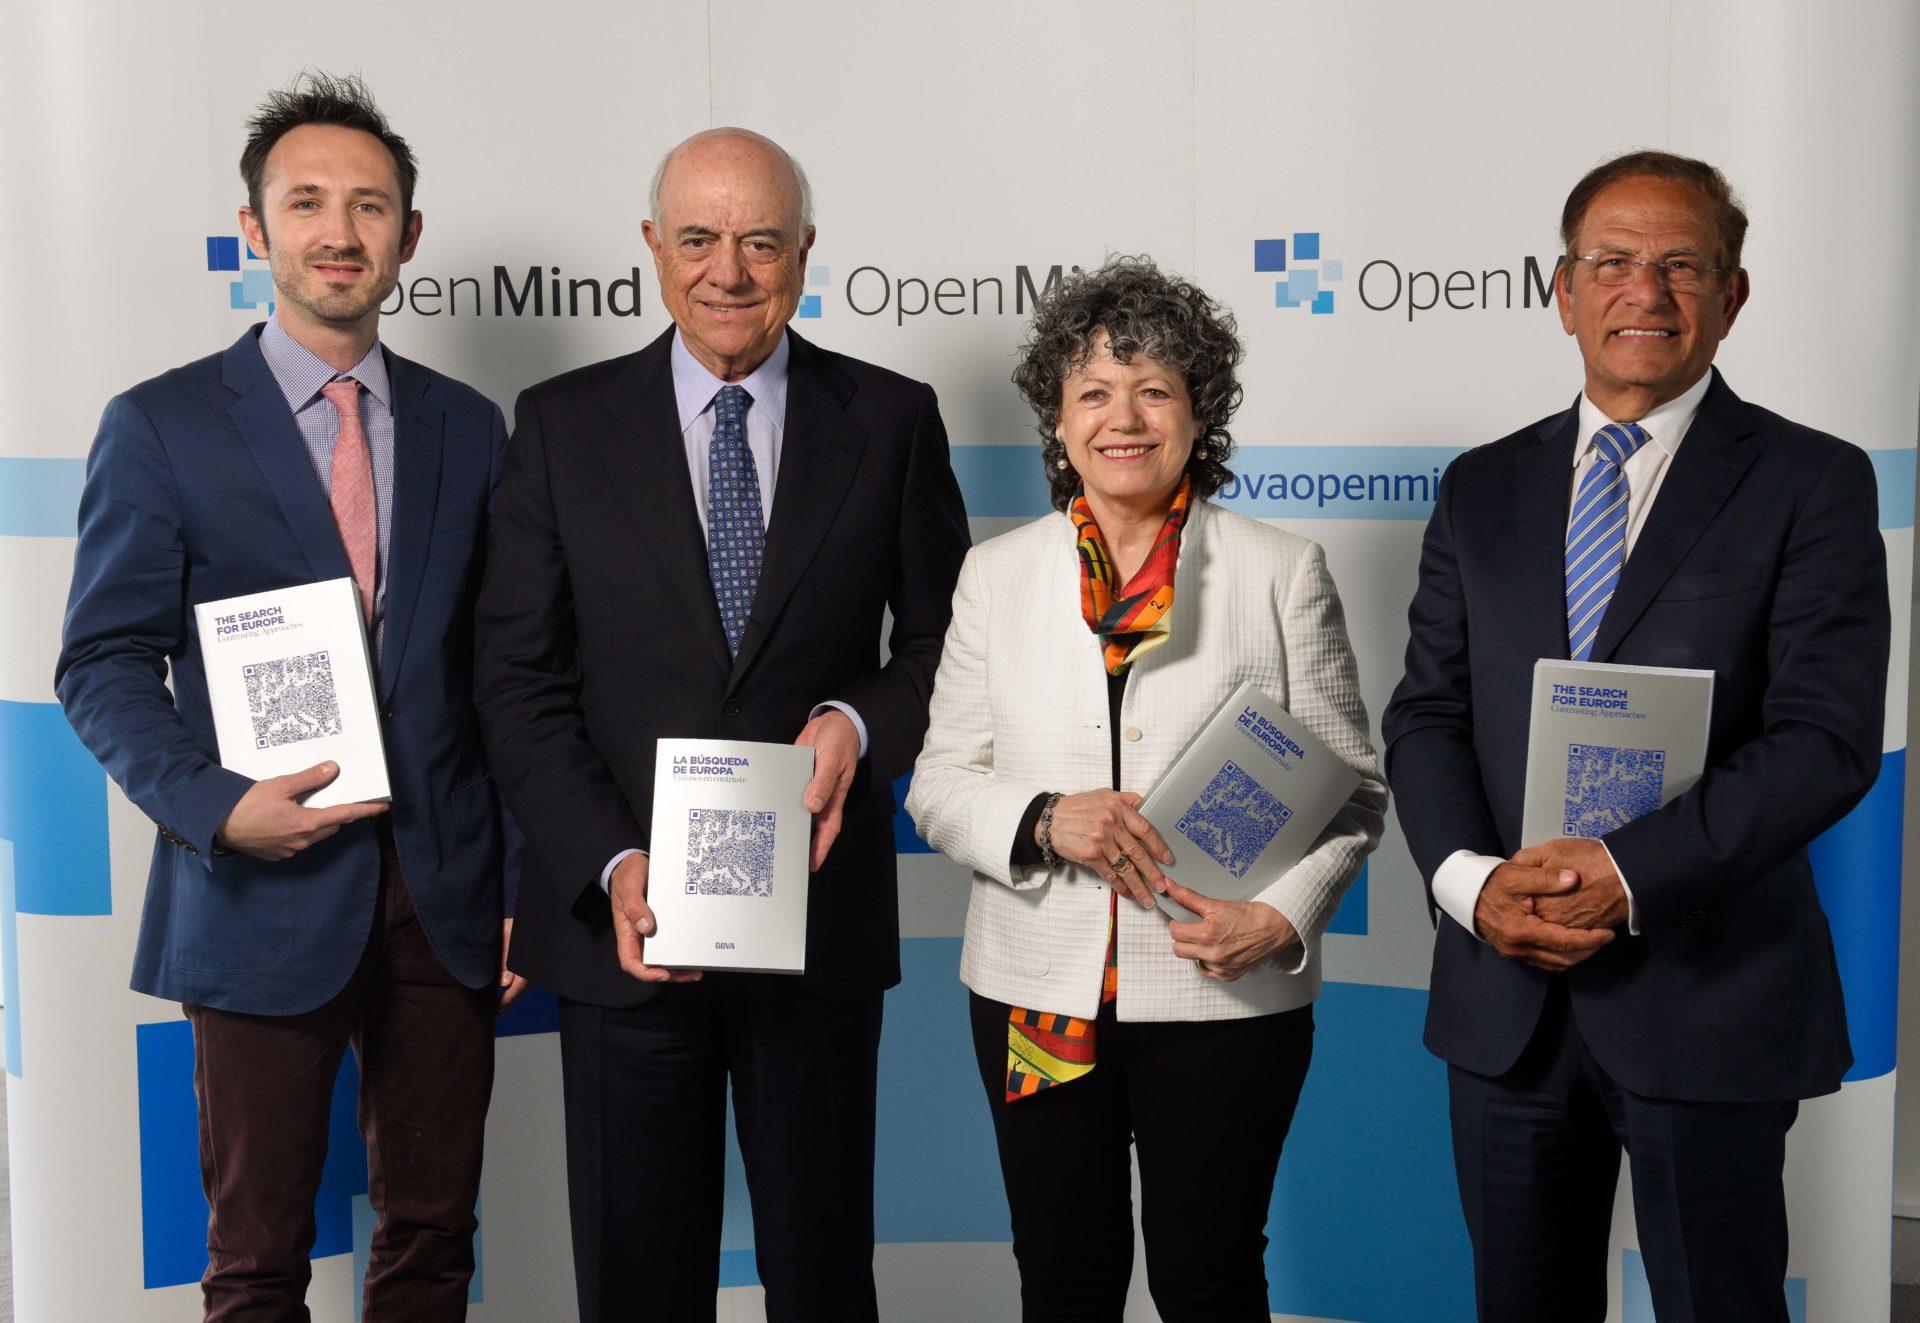 Fotografía de Christopher Bickerton; Francisco González, presidente de BBVA; Vivien Ann Schmidt y Bichara Khader, autores del libro de OpenMind